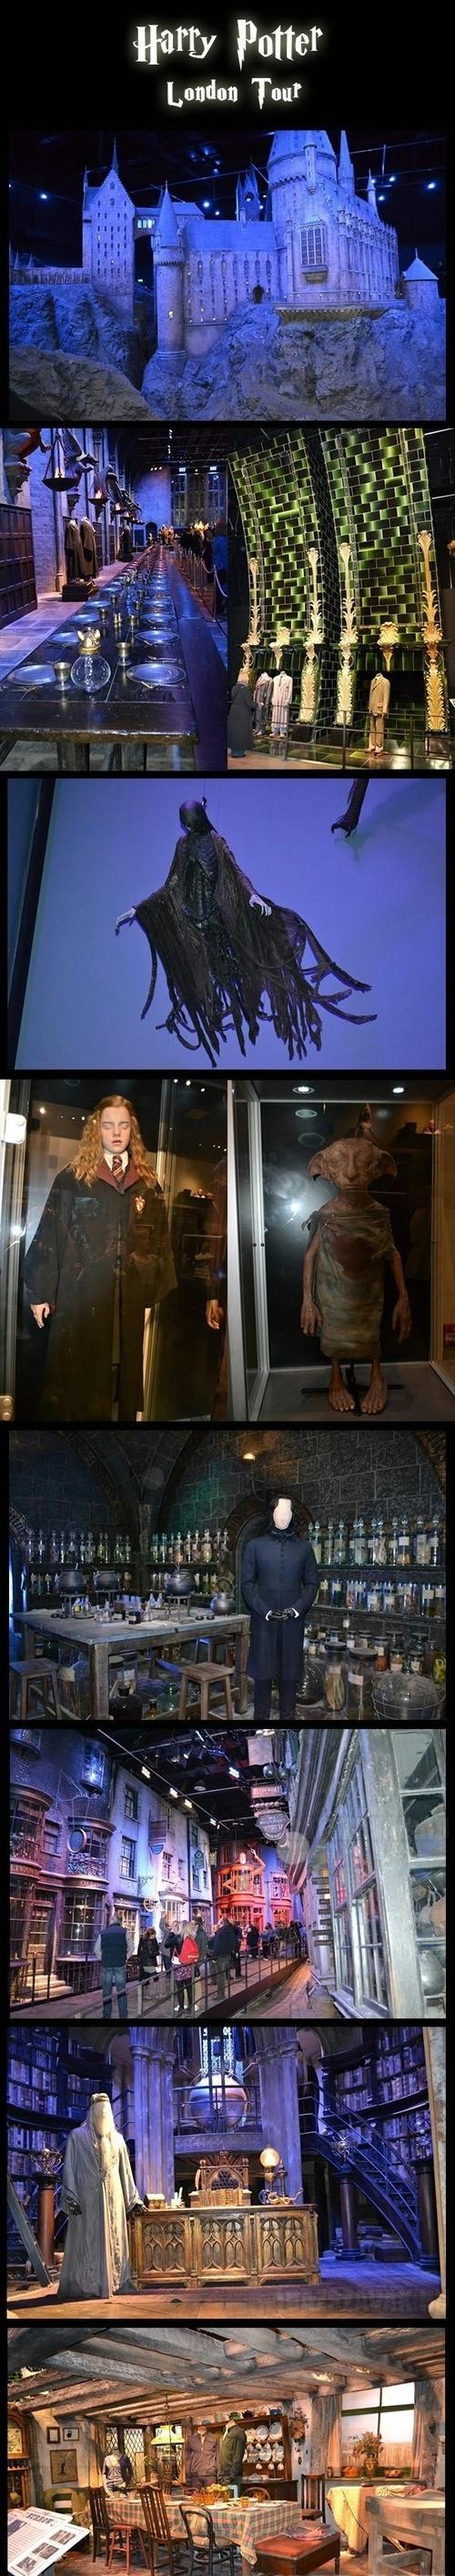 Amit biztosan meg akarsz nézni...Harry Potter múzeum Londonban...